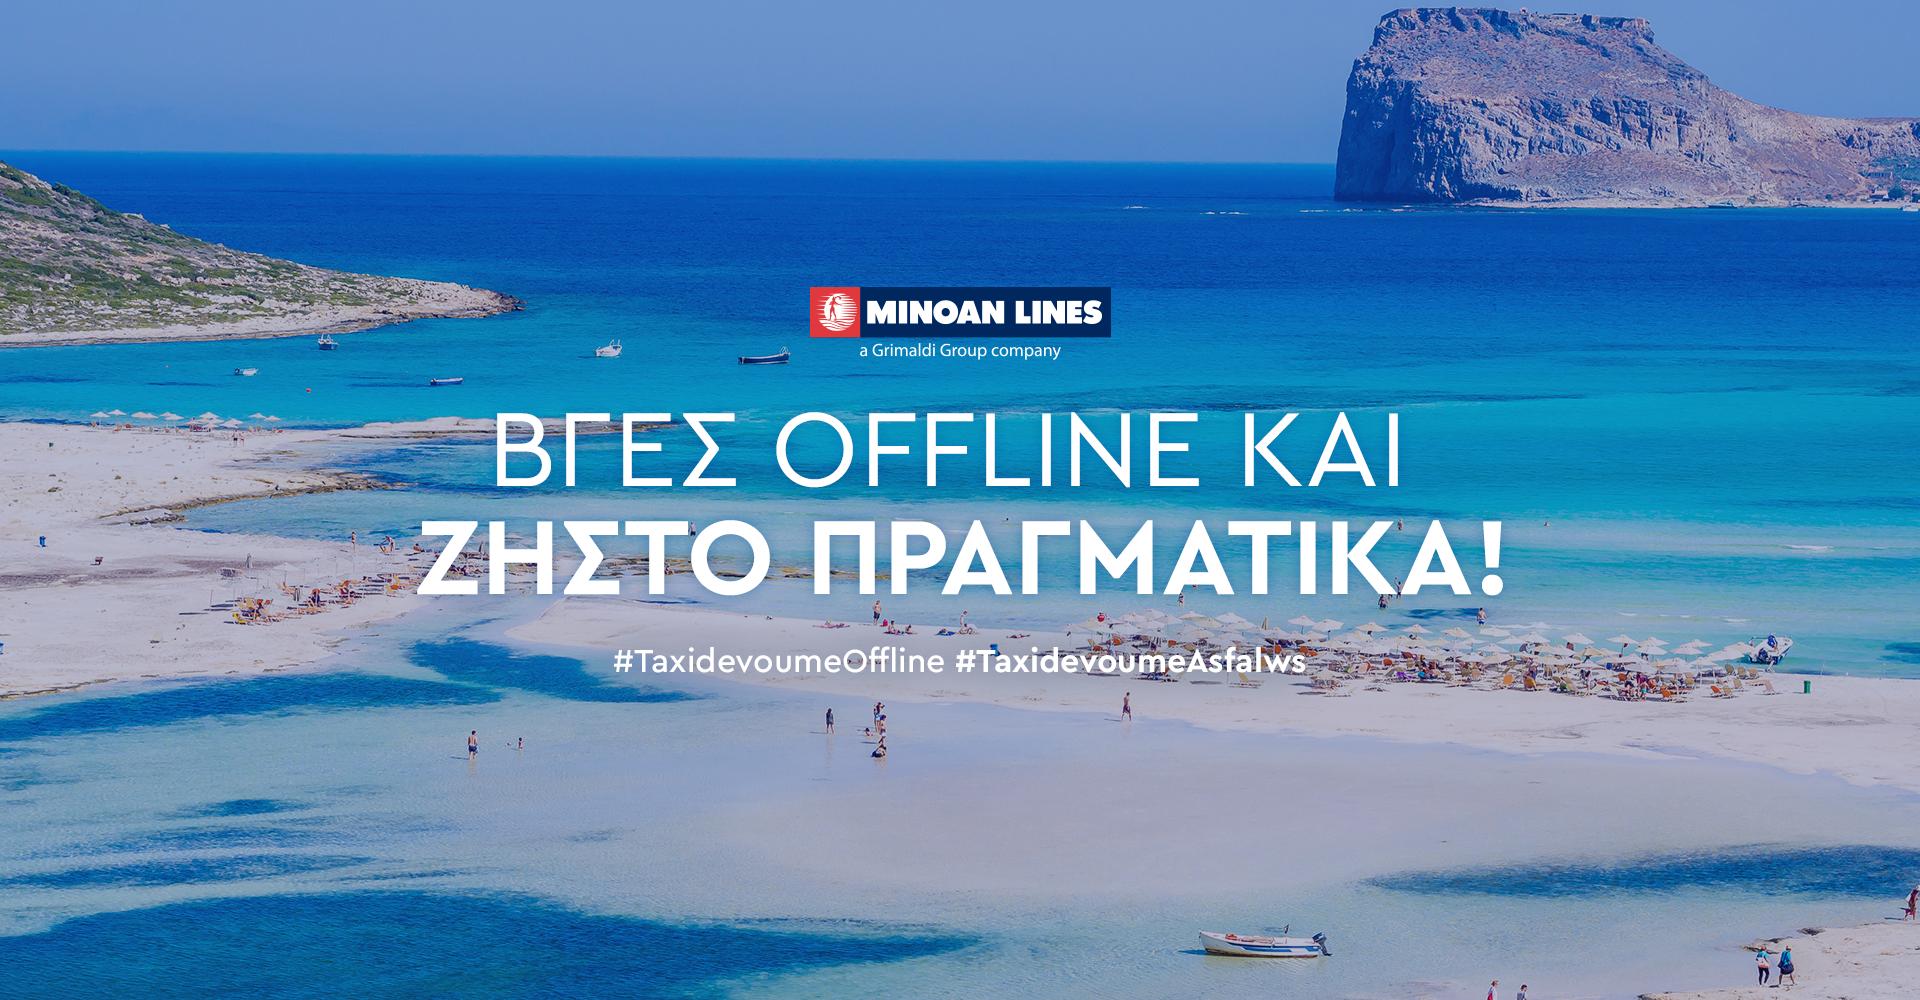 digital marketing, minoan lines